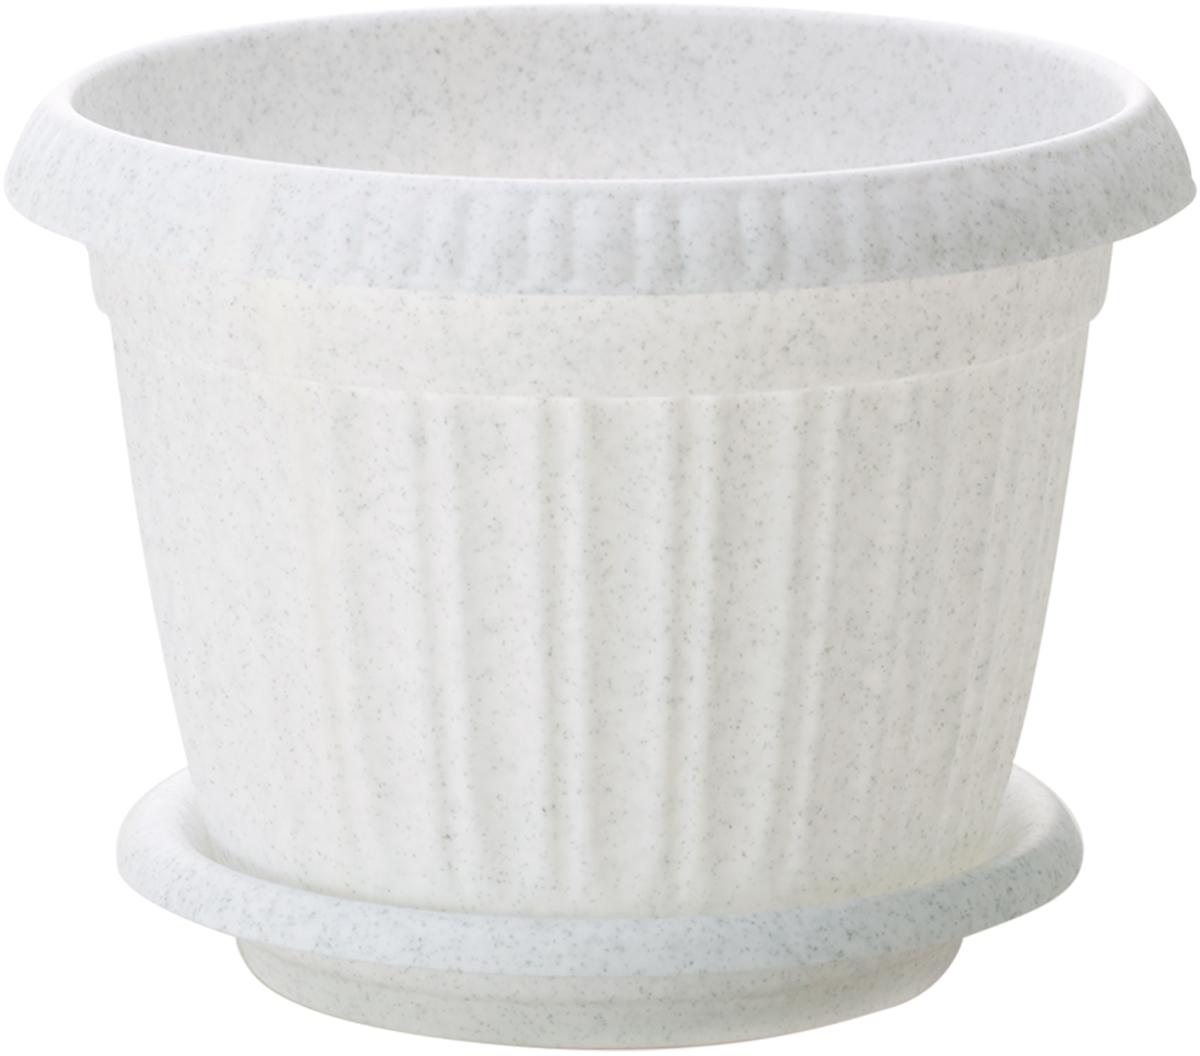 Горшок для цветов InGreen Таити, с подставкой, цвет: мраморный, диаметр 28 смZ-0307Горшок InGreen Таити, выполненный из высококачественного полипропилена (пластика), предназначен для выращивания комнатных цветов, растений и трав. Специальная конструкция обеспечивает вентиляцию в корневой системе растения, а дренажные отверстия позволяют выходить лишней влаге из почвы. Такой горшок порадует вас современным дизайном и функциональностью, а также оригинально украсит интерьер любого помещения. Диаметр горшка (по верхнему краю): 28 см.Высота горшка: 21,5 см.